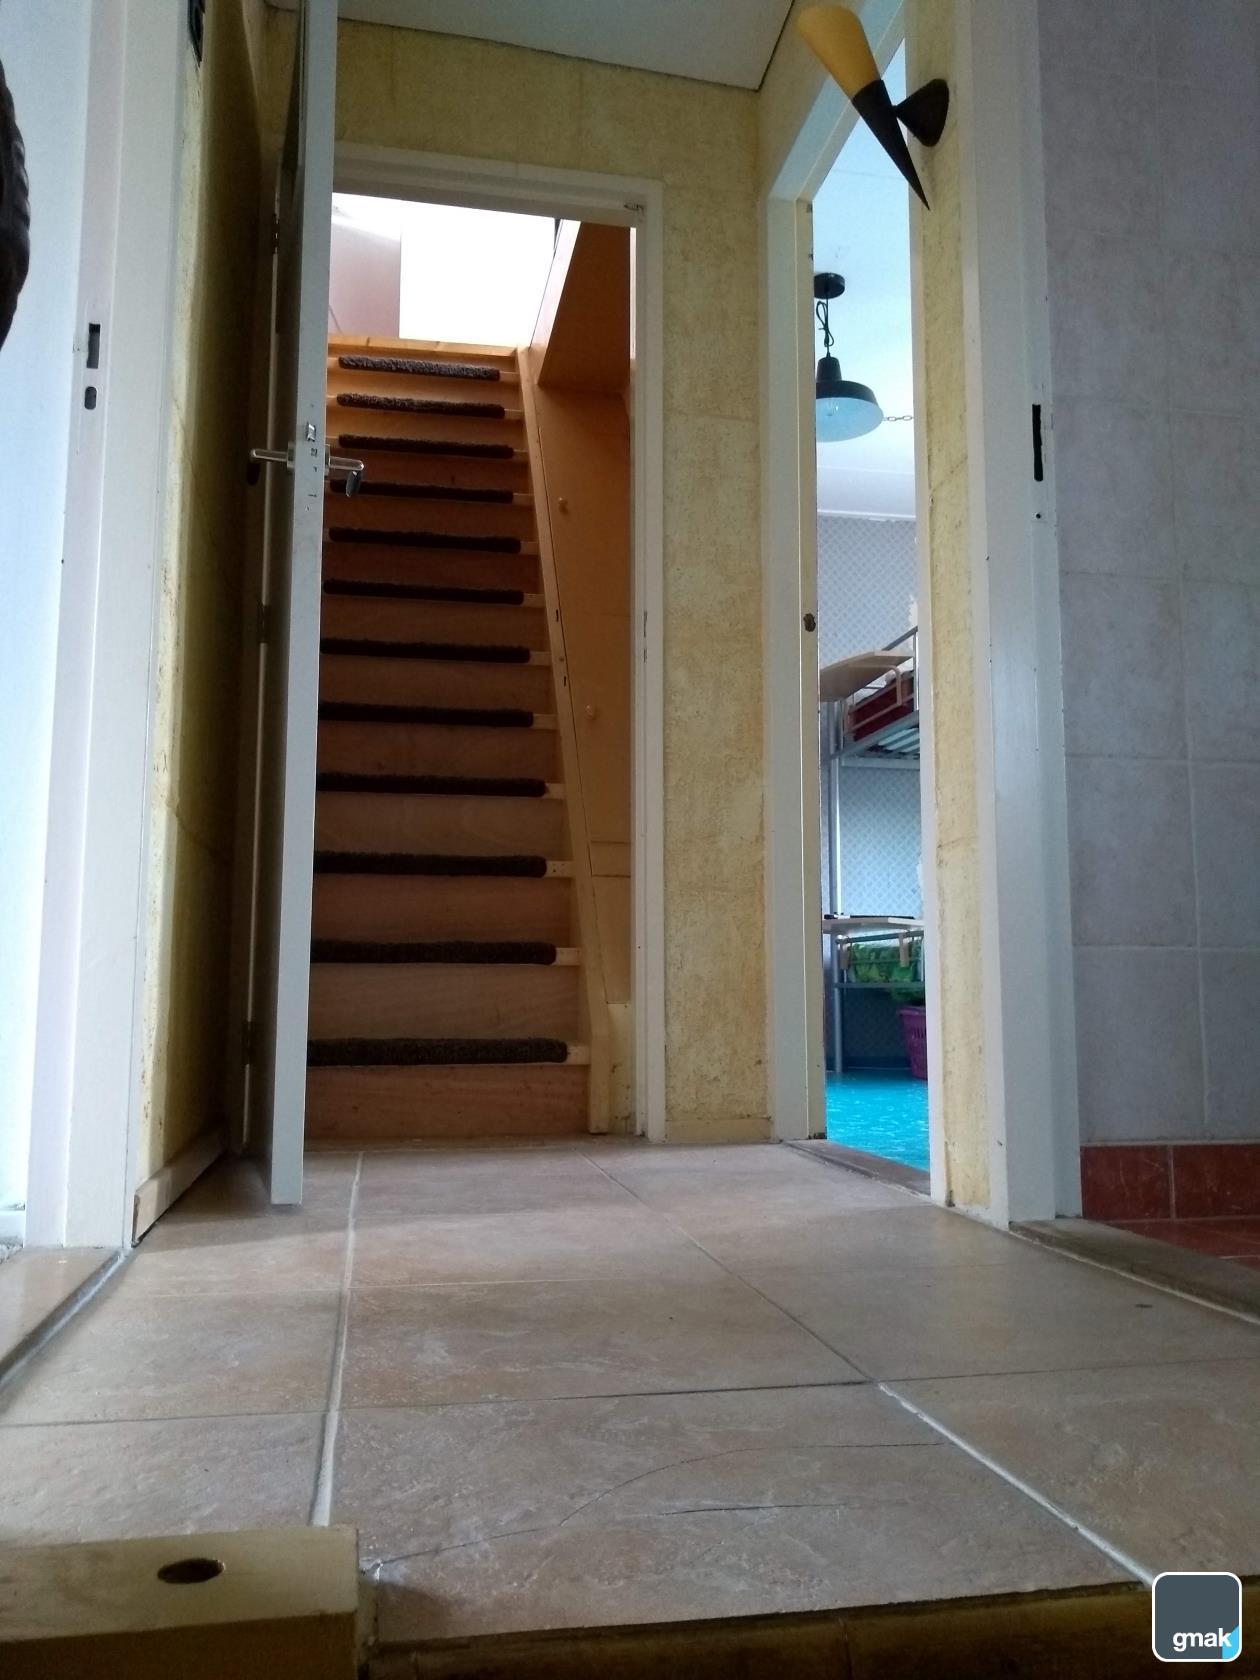 vaste trap naar de zolder.